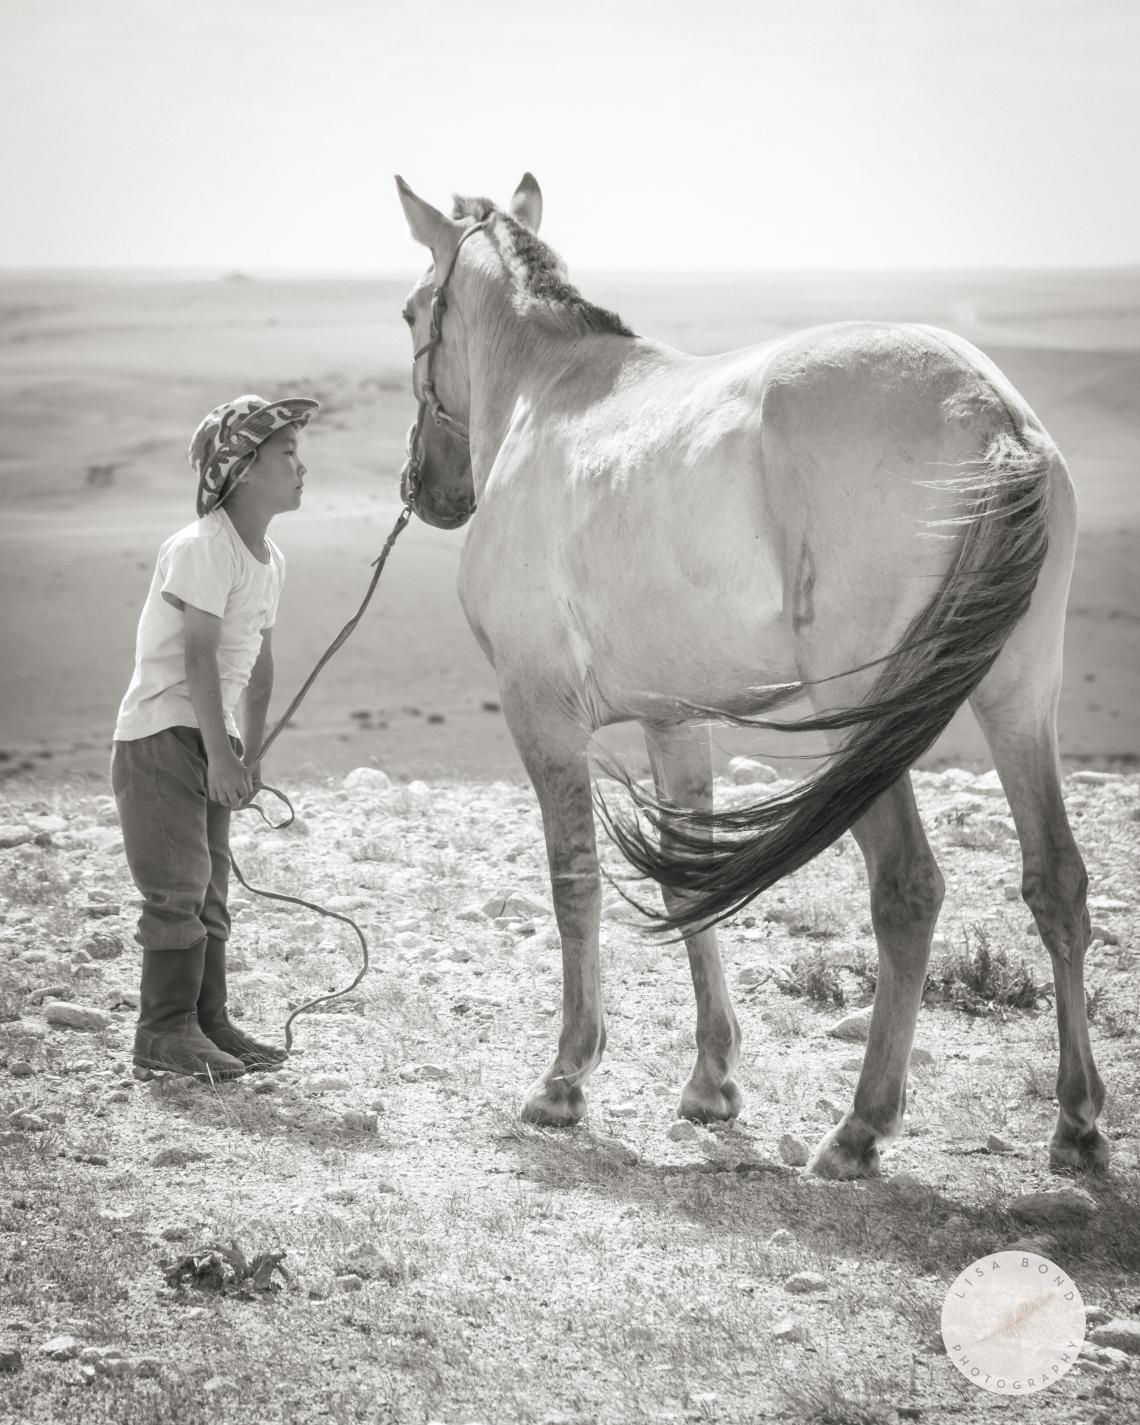 Mongolian, boy, horse, Gobi, desert